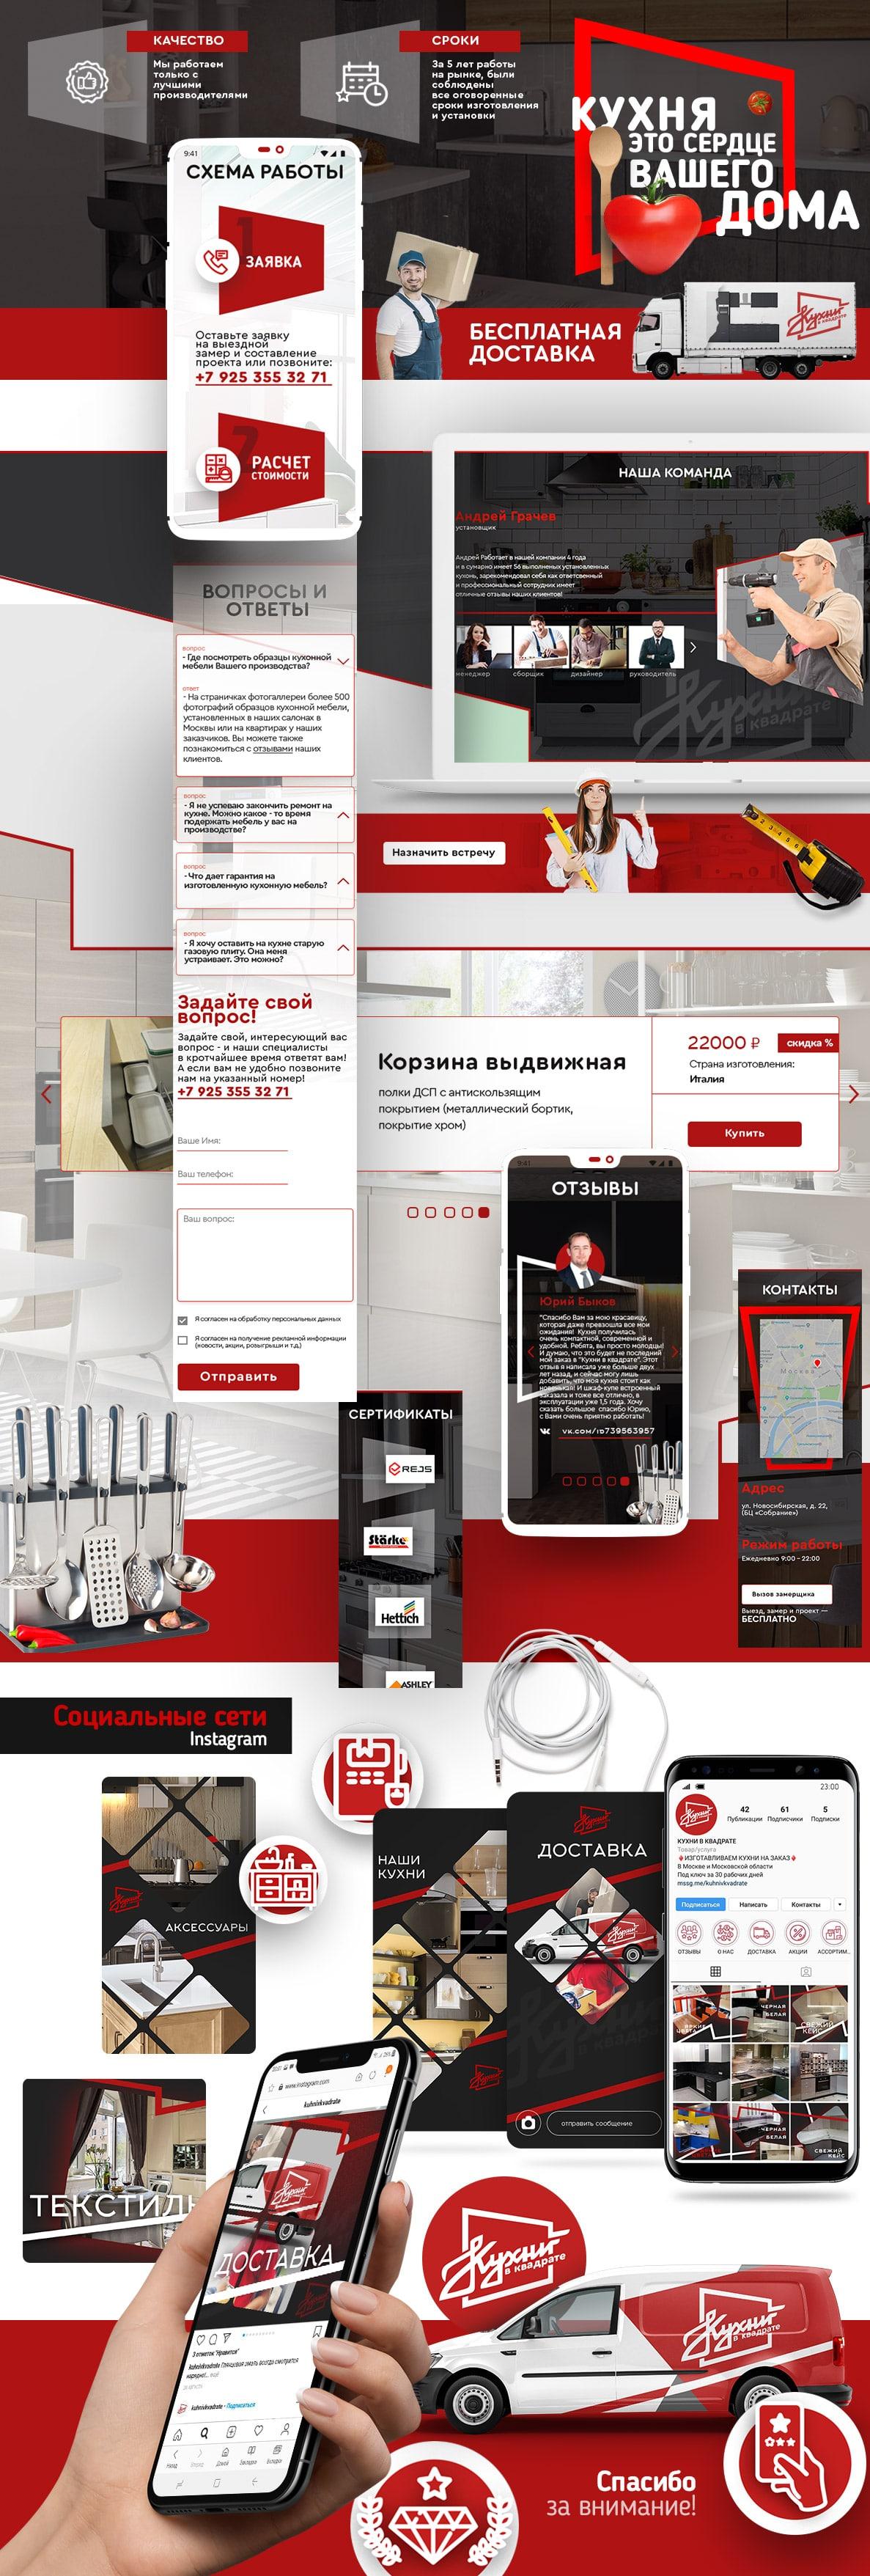 """Создание сайта для """"Кухни в квадрате"""""""